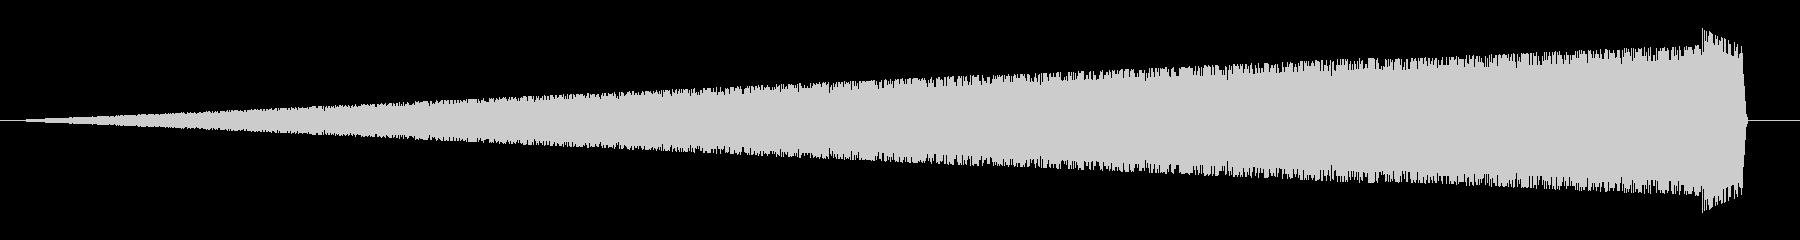 ビーン(ワープ/光線SNES/レトロ宇宙の未再生の波形